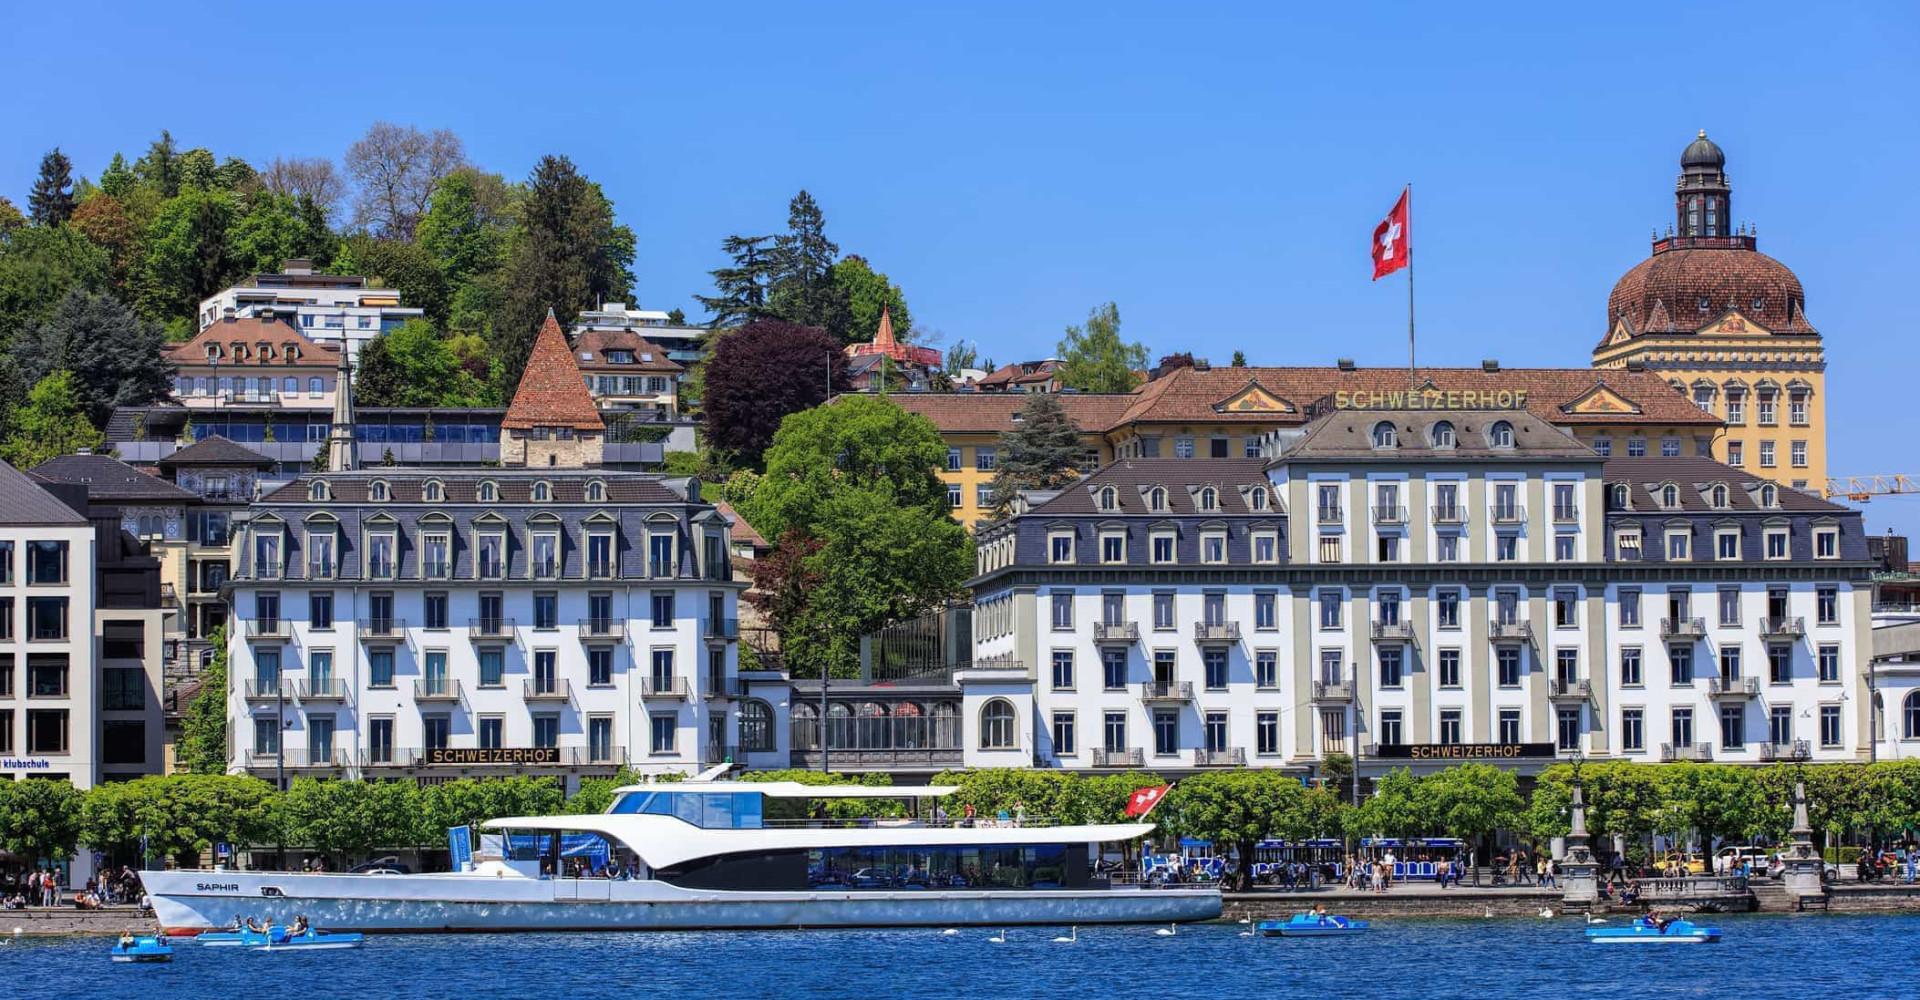 Verdens mest attraktive hotell og ferieanlegg ved innsjøer